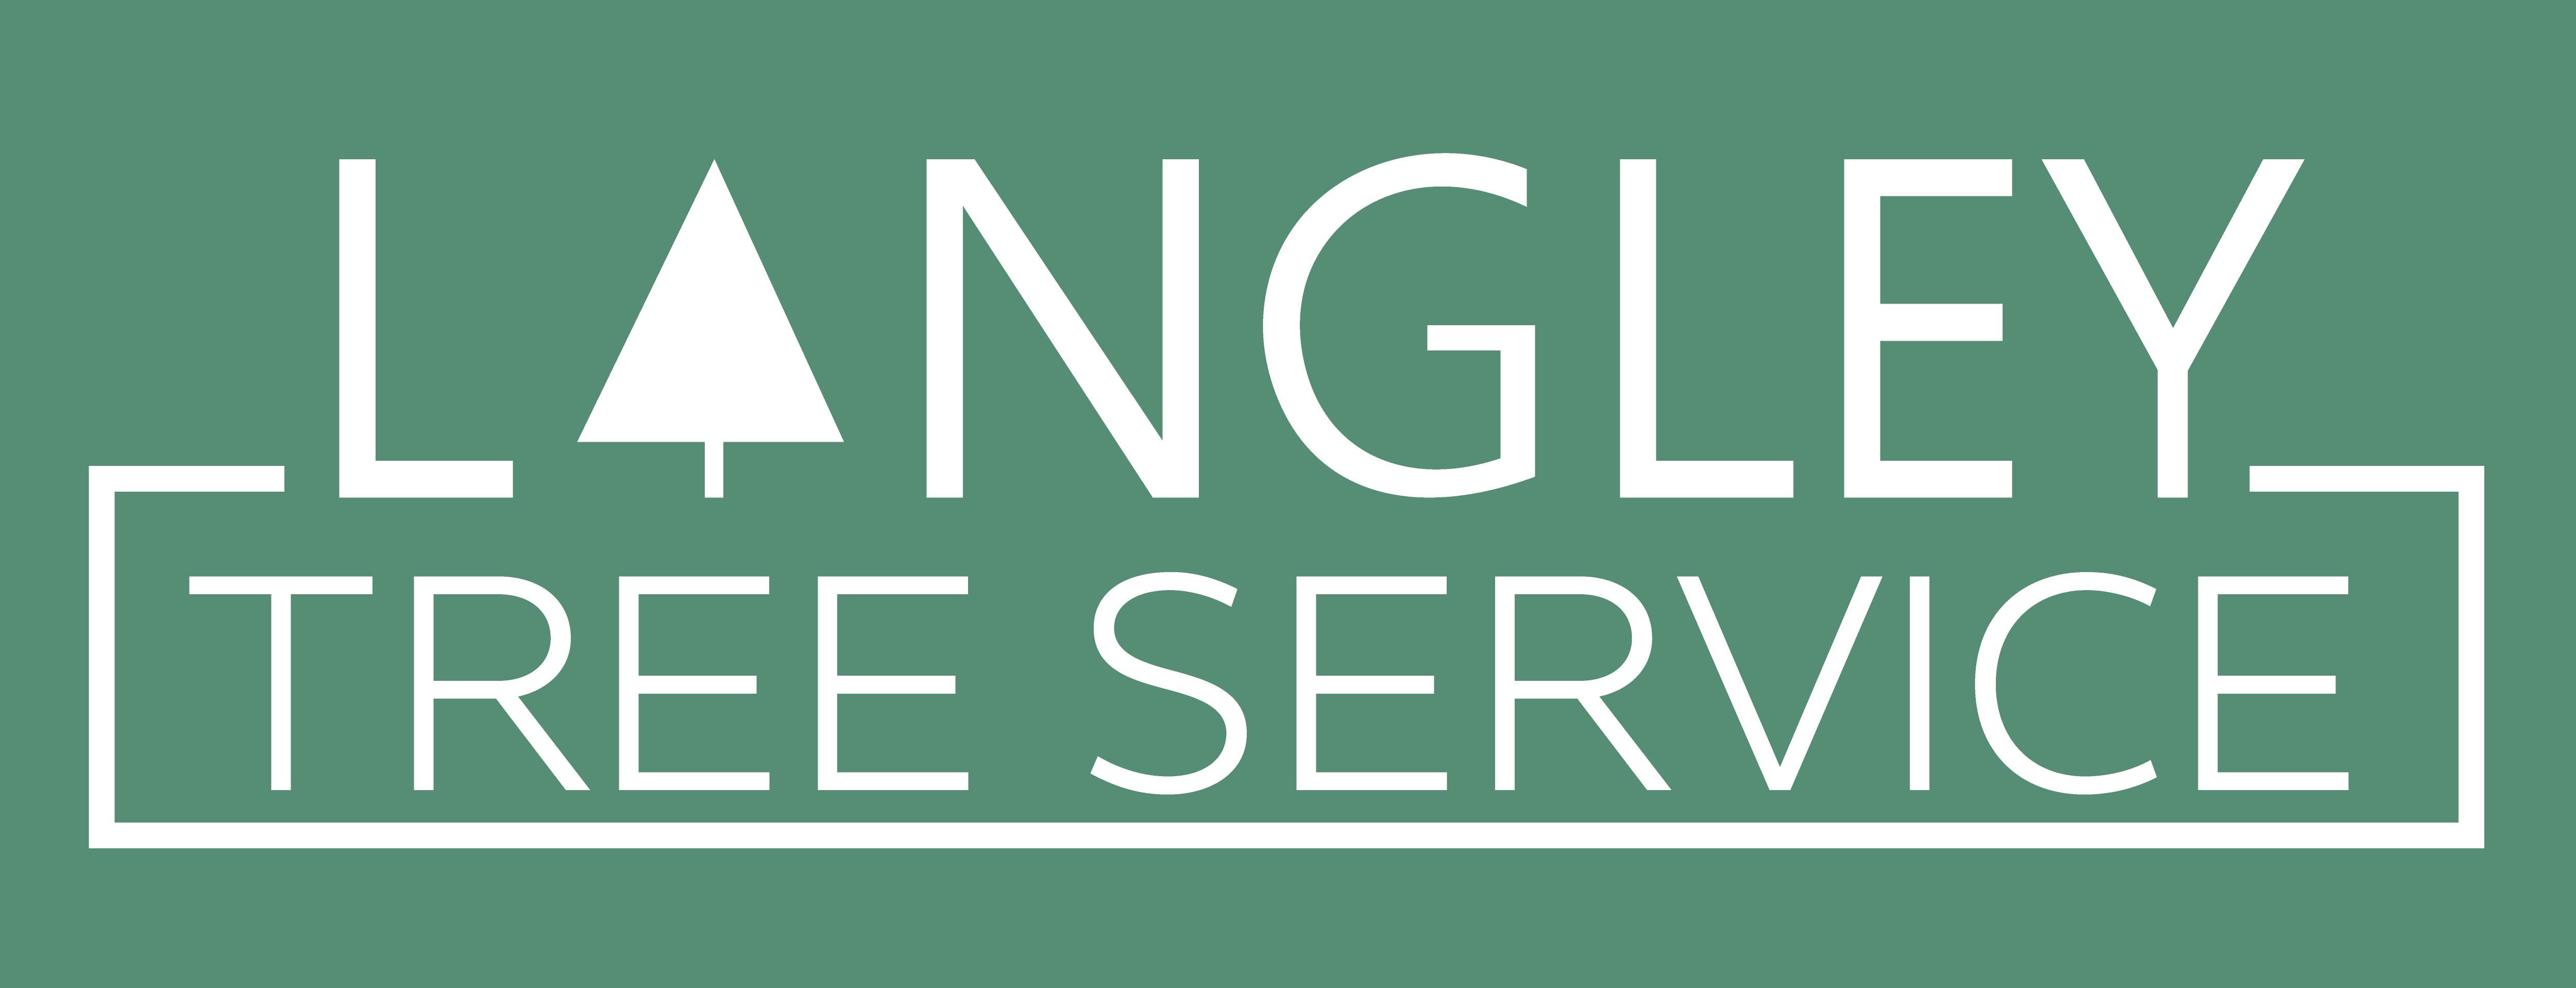 Langley Tree Service logo